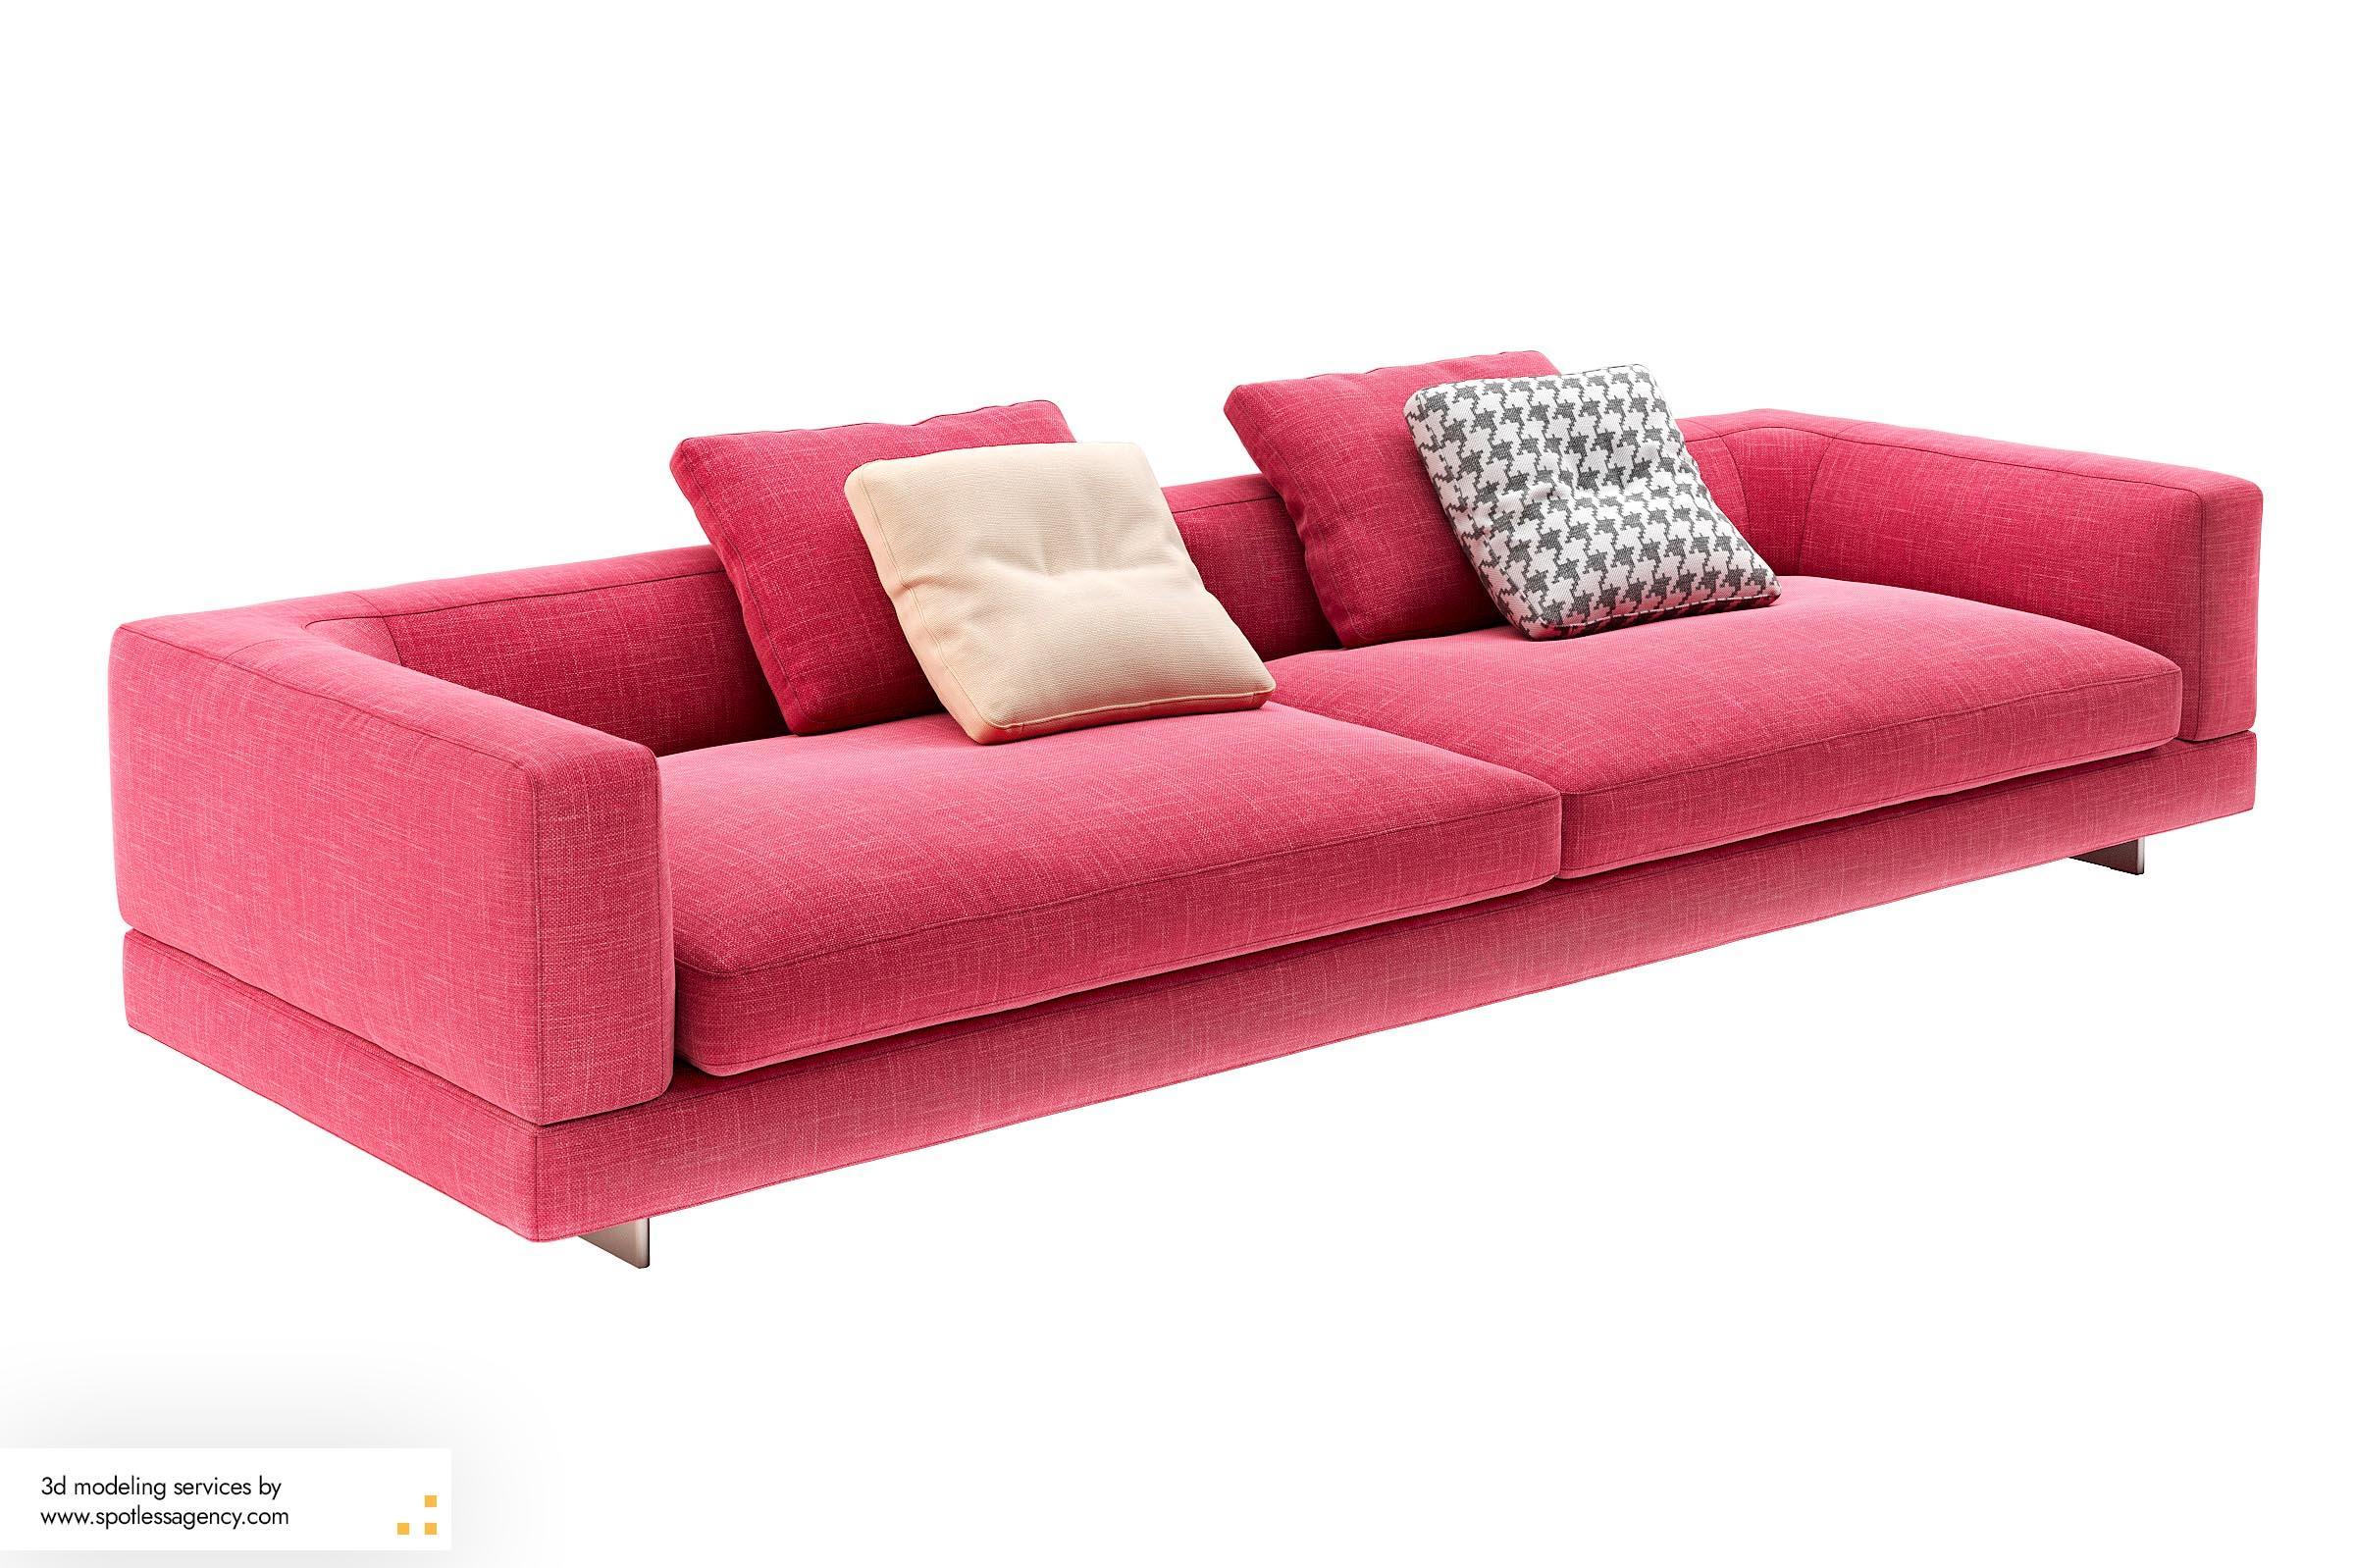 Sofa 3d Model 4